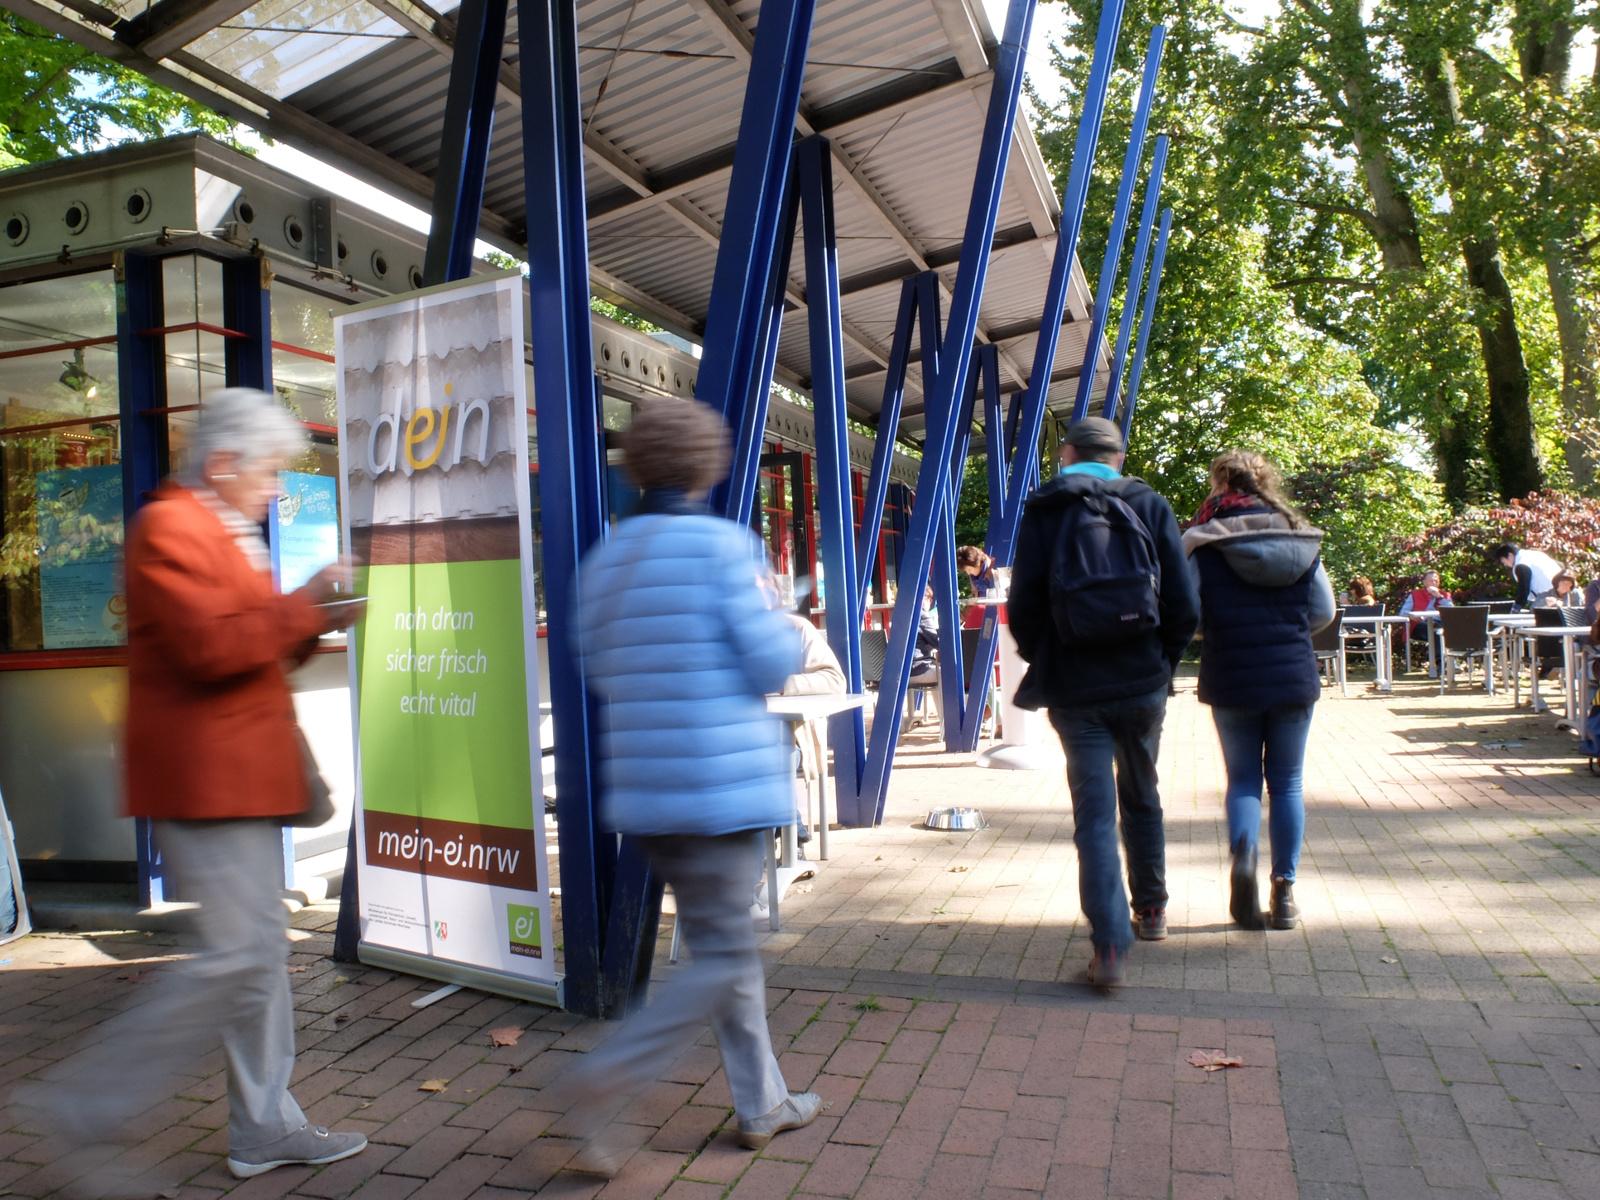 Foto: mein-ei.nrw auf dem Dortmunder Herbstmarkt